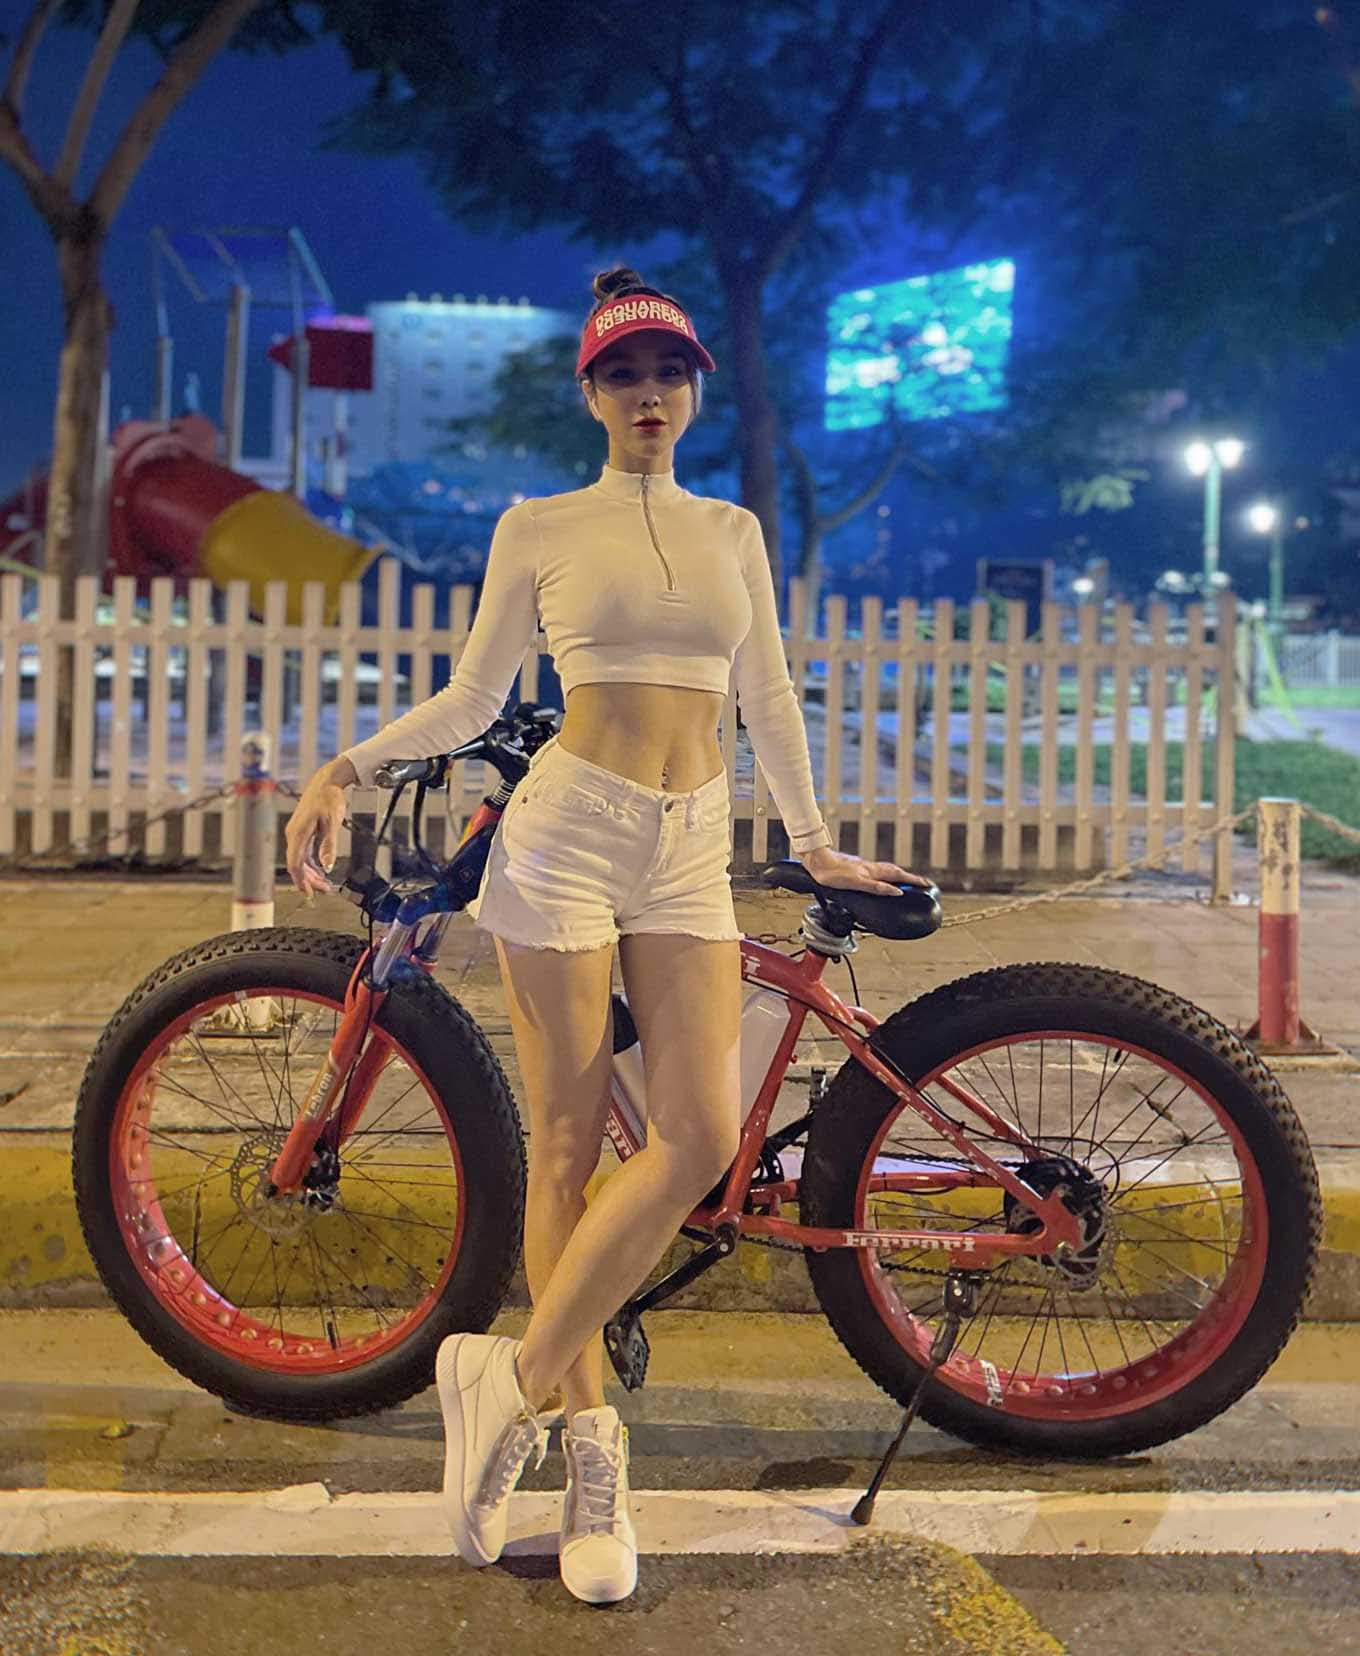 quan tap 3 1633317200 190 width1360height1656 Hoa hậu Kỳ Duyên diện quần bó đạp xe trông kỳ dị phía sau nhưng sự thật thì sao?